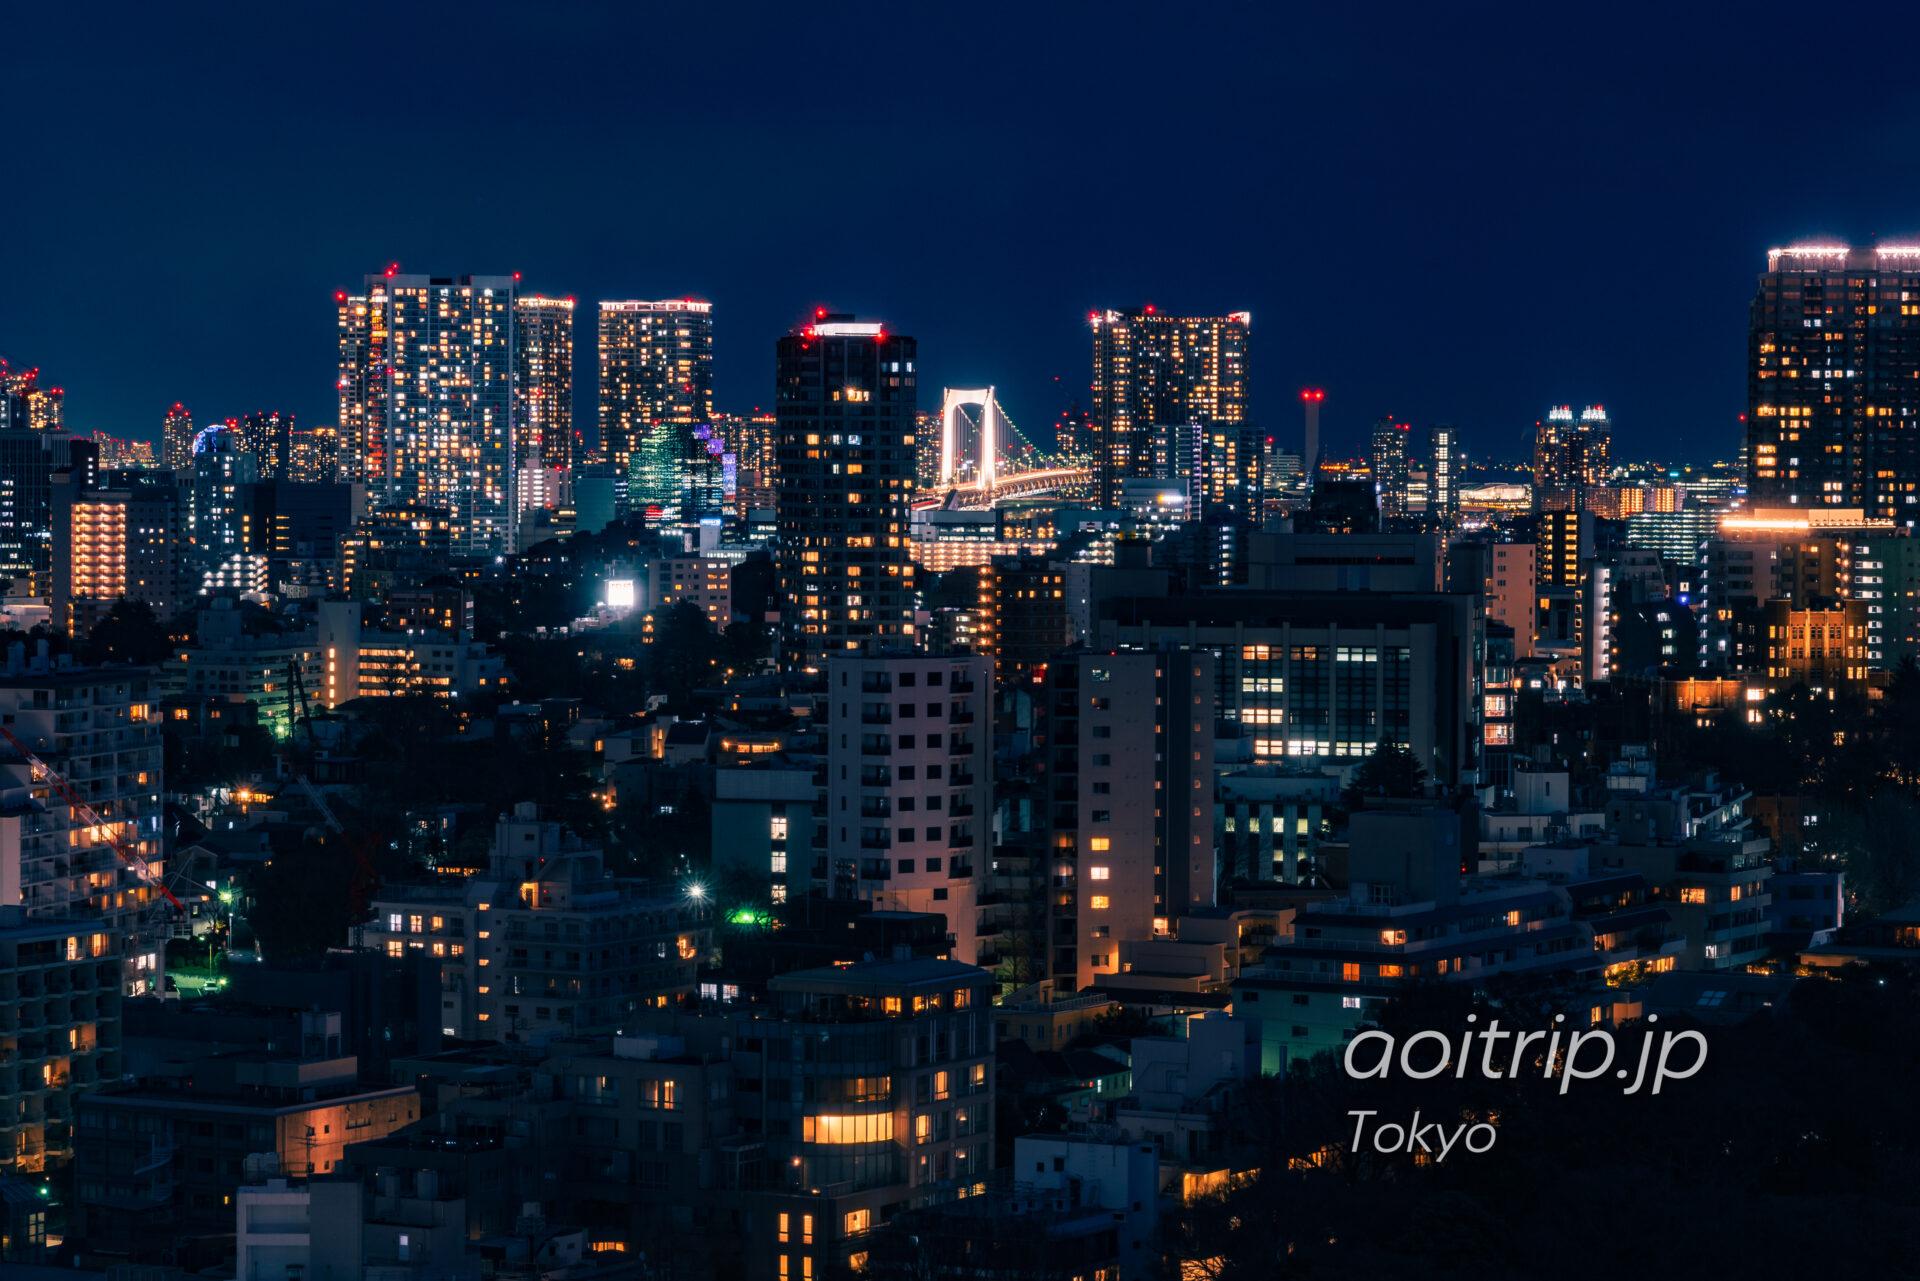 ザ ウェスティン ホテル 東京のスイートルーム客室から望む夜景 レインボーブリッジ